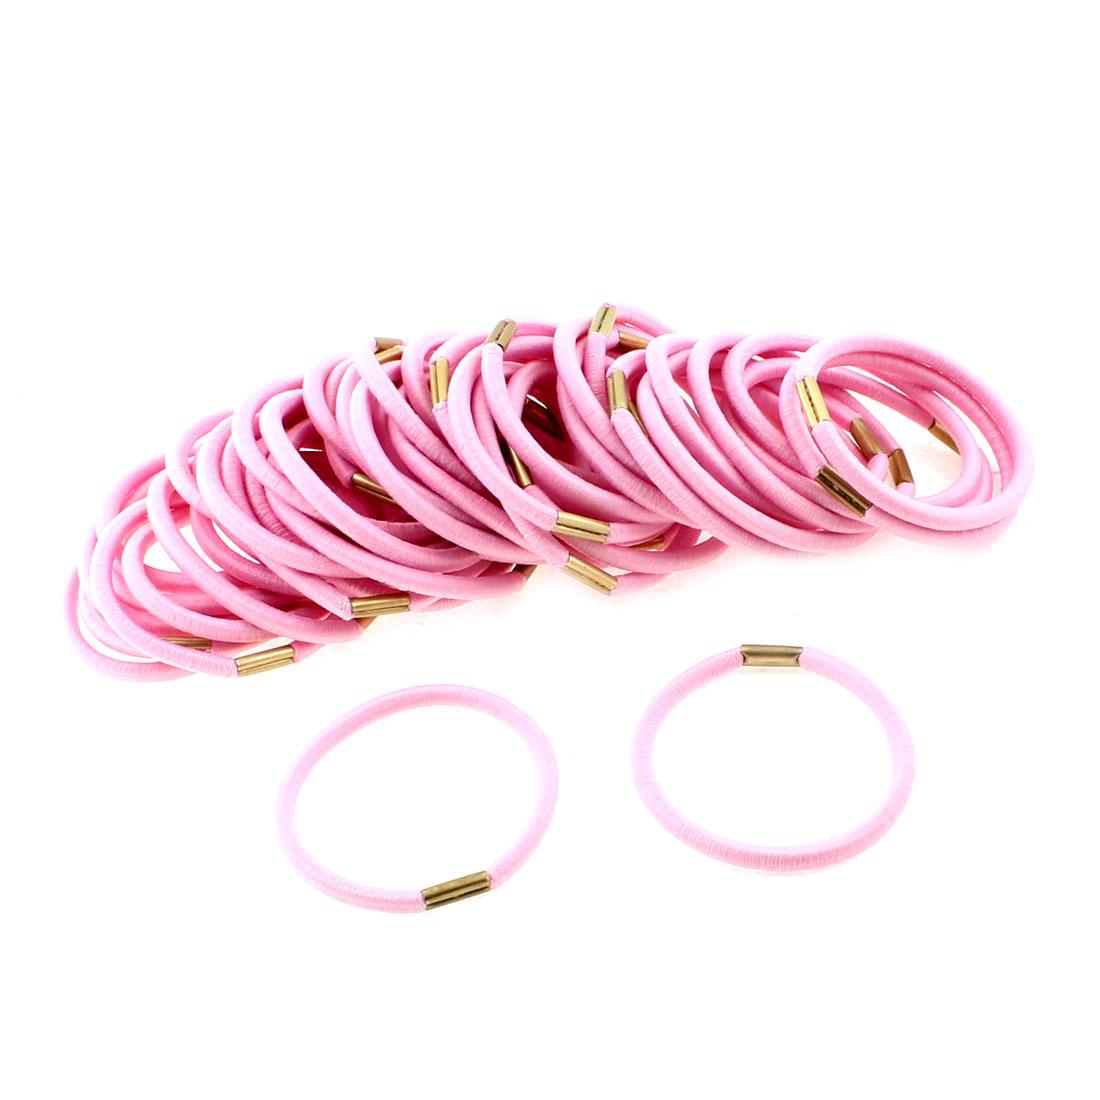 Women DIY Craft Elastic Hair Tie Rope Ring Band Hairband Ponytail Holder Pink 50pcs